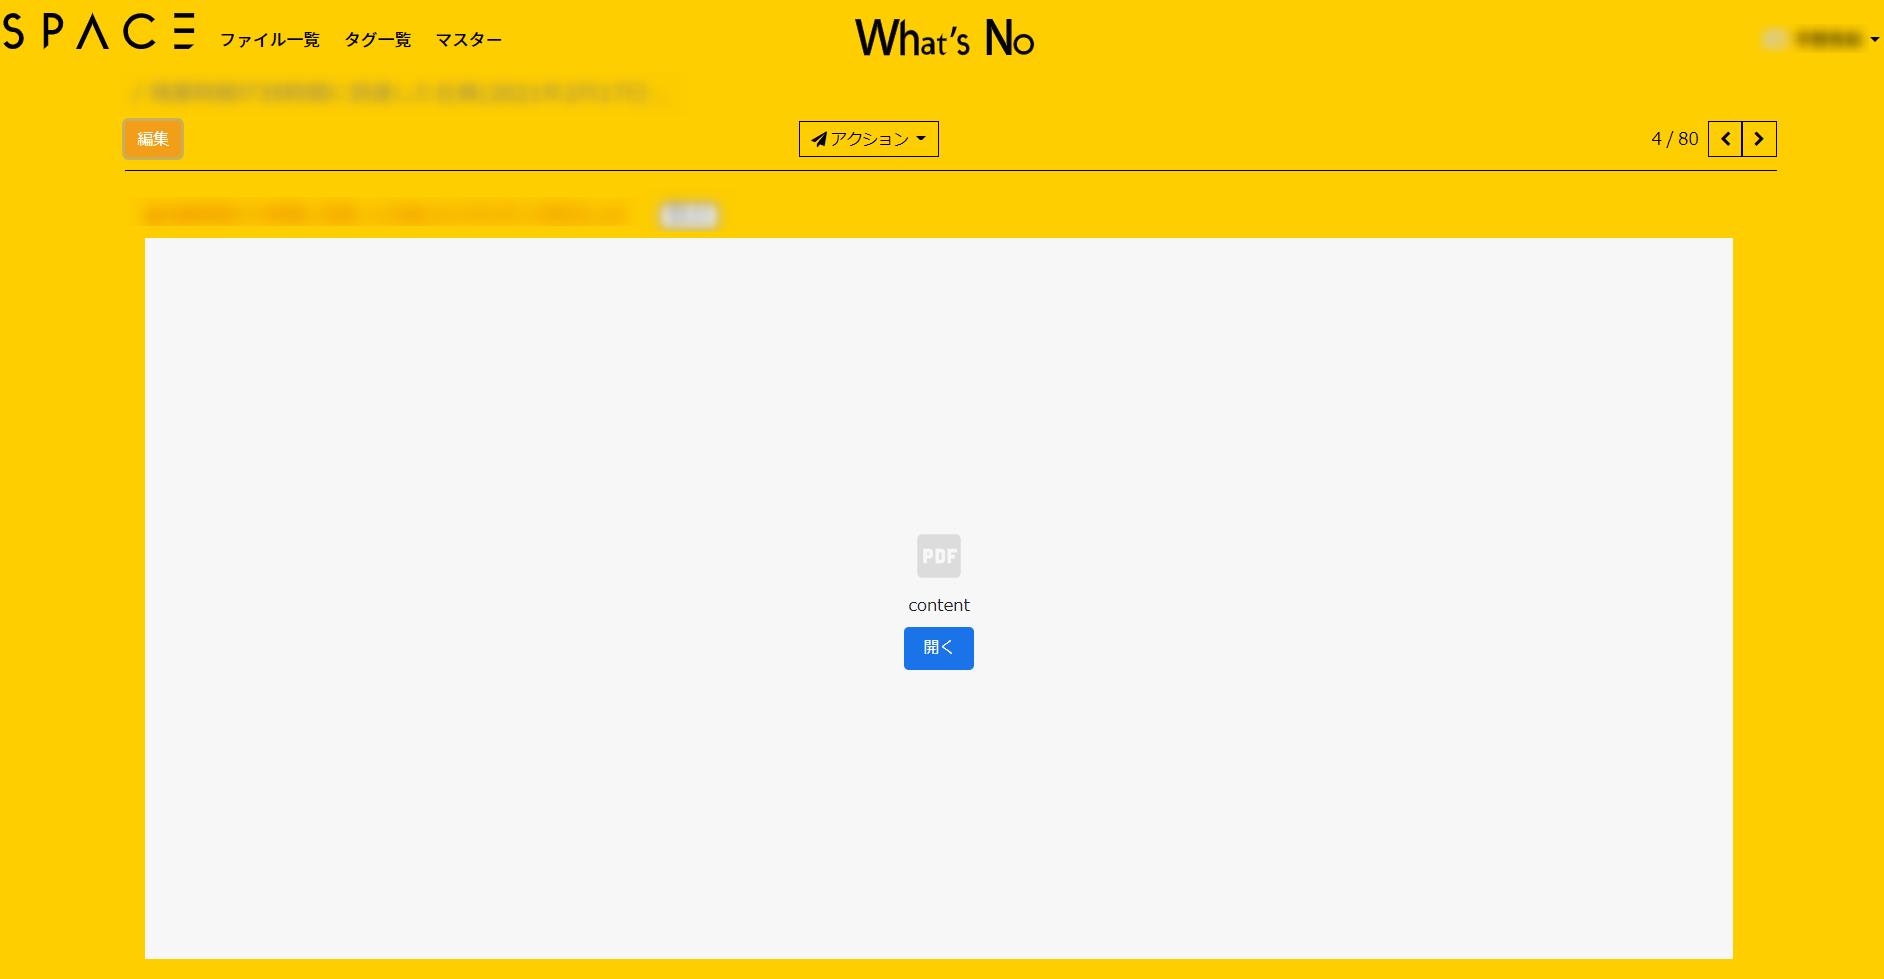 【What'sNo】PDFがWhat'sNoのプレビュー画面で見れないときの対処法(Googlechromeの設定の仕方)